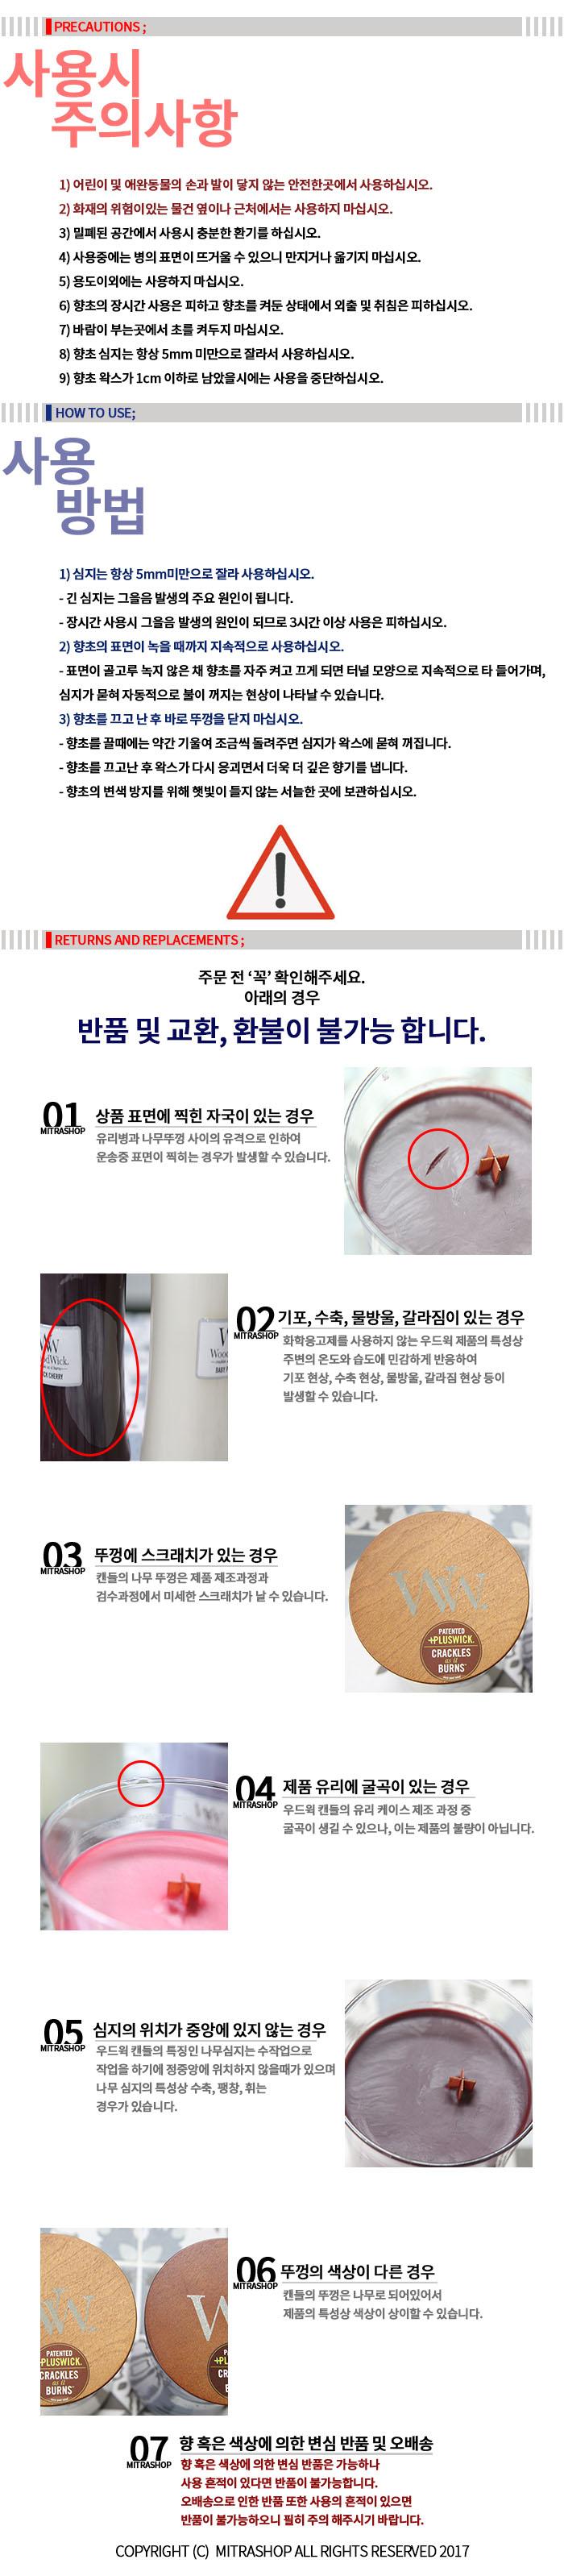 벤티 캔들워머 + 우드윅 캔들 세트 - 미트라샵, 49,400원, 캔들, 캔들홀더/소품